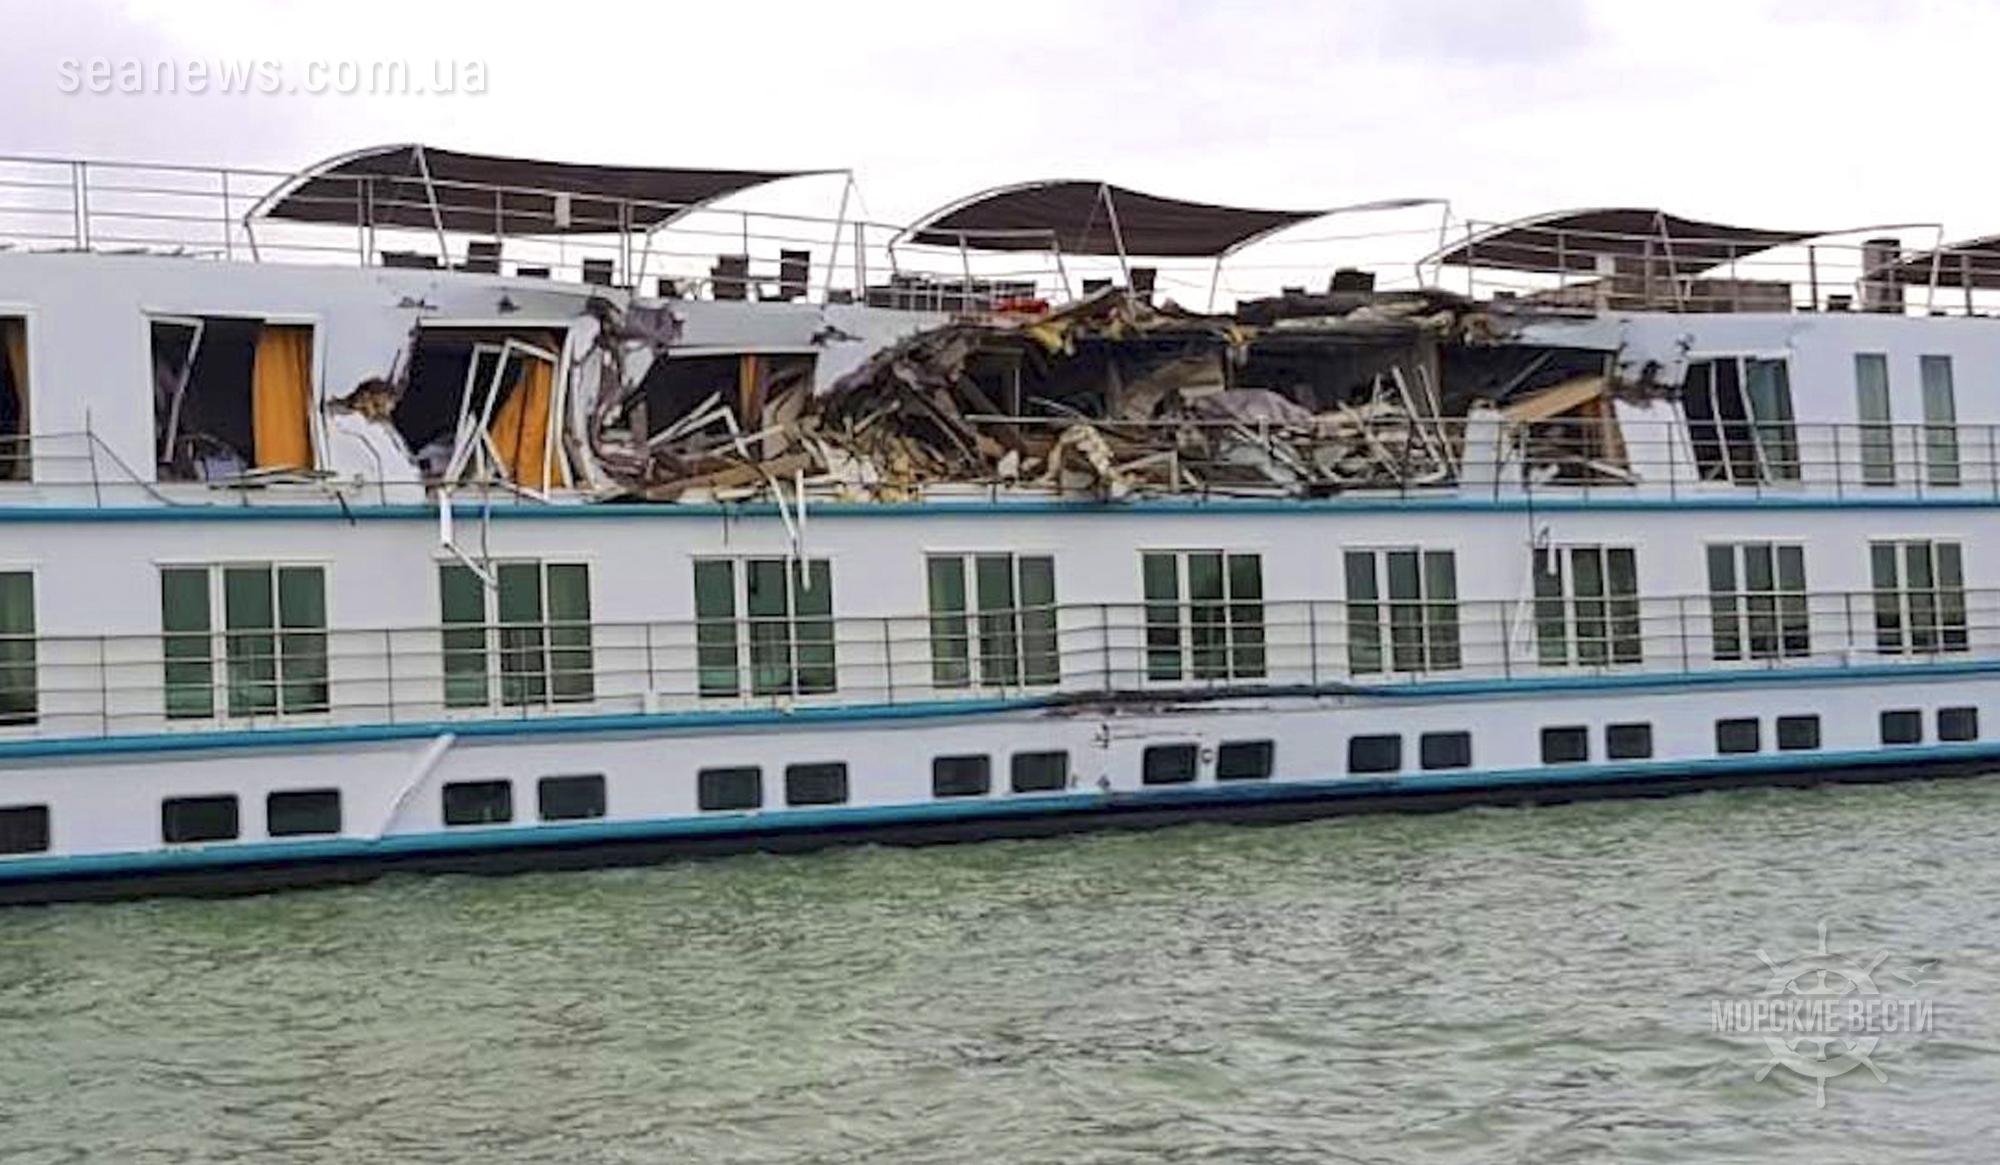 На Дунае столкнулись пассажирский лайнер и грузовое судно